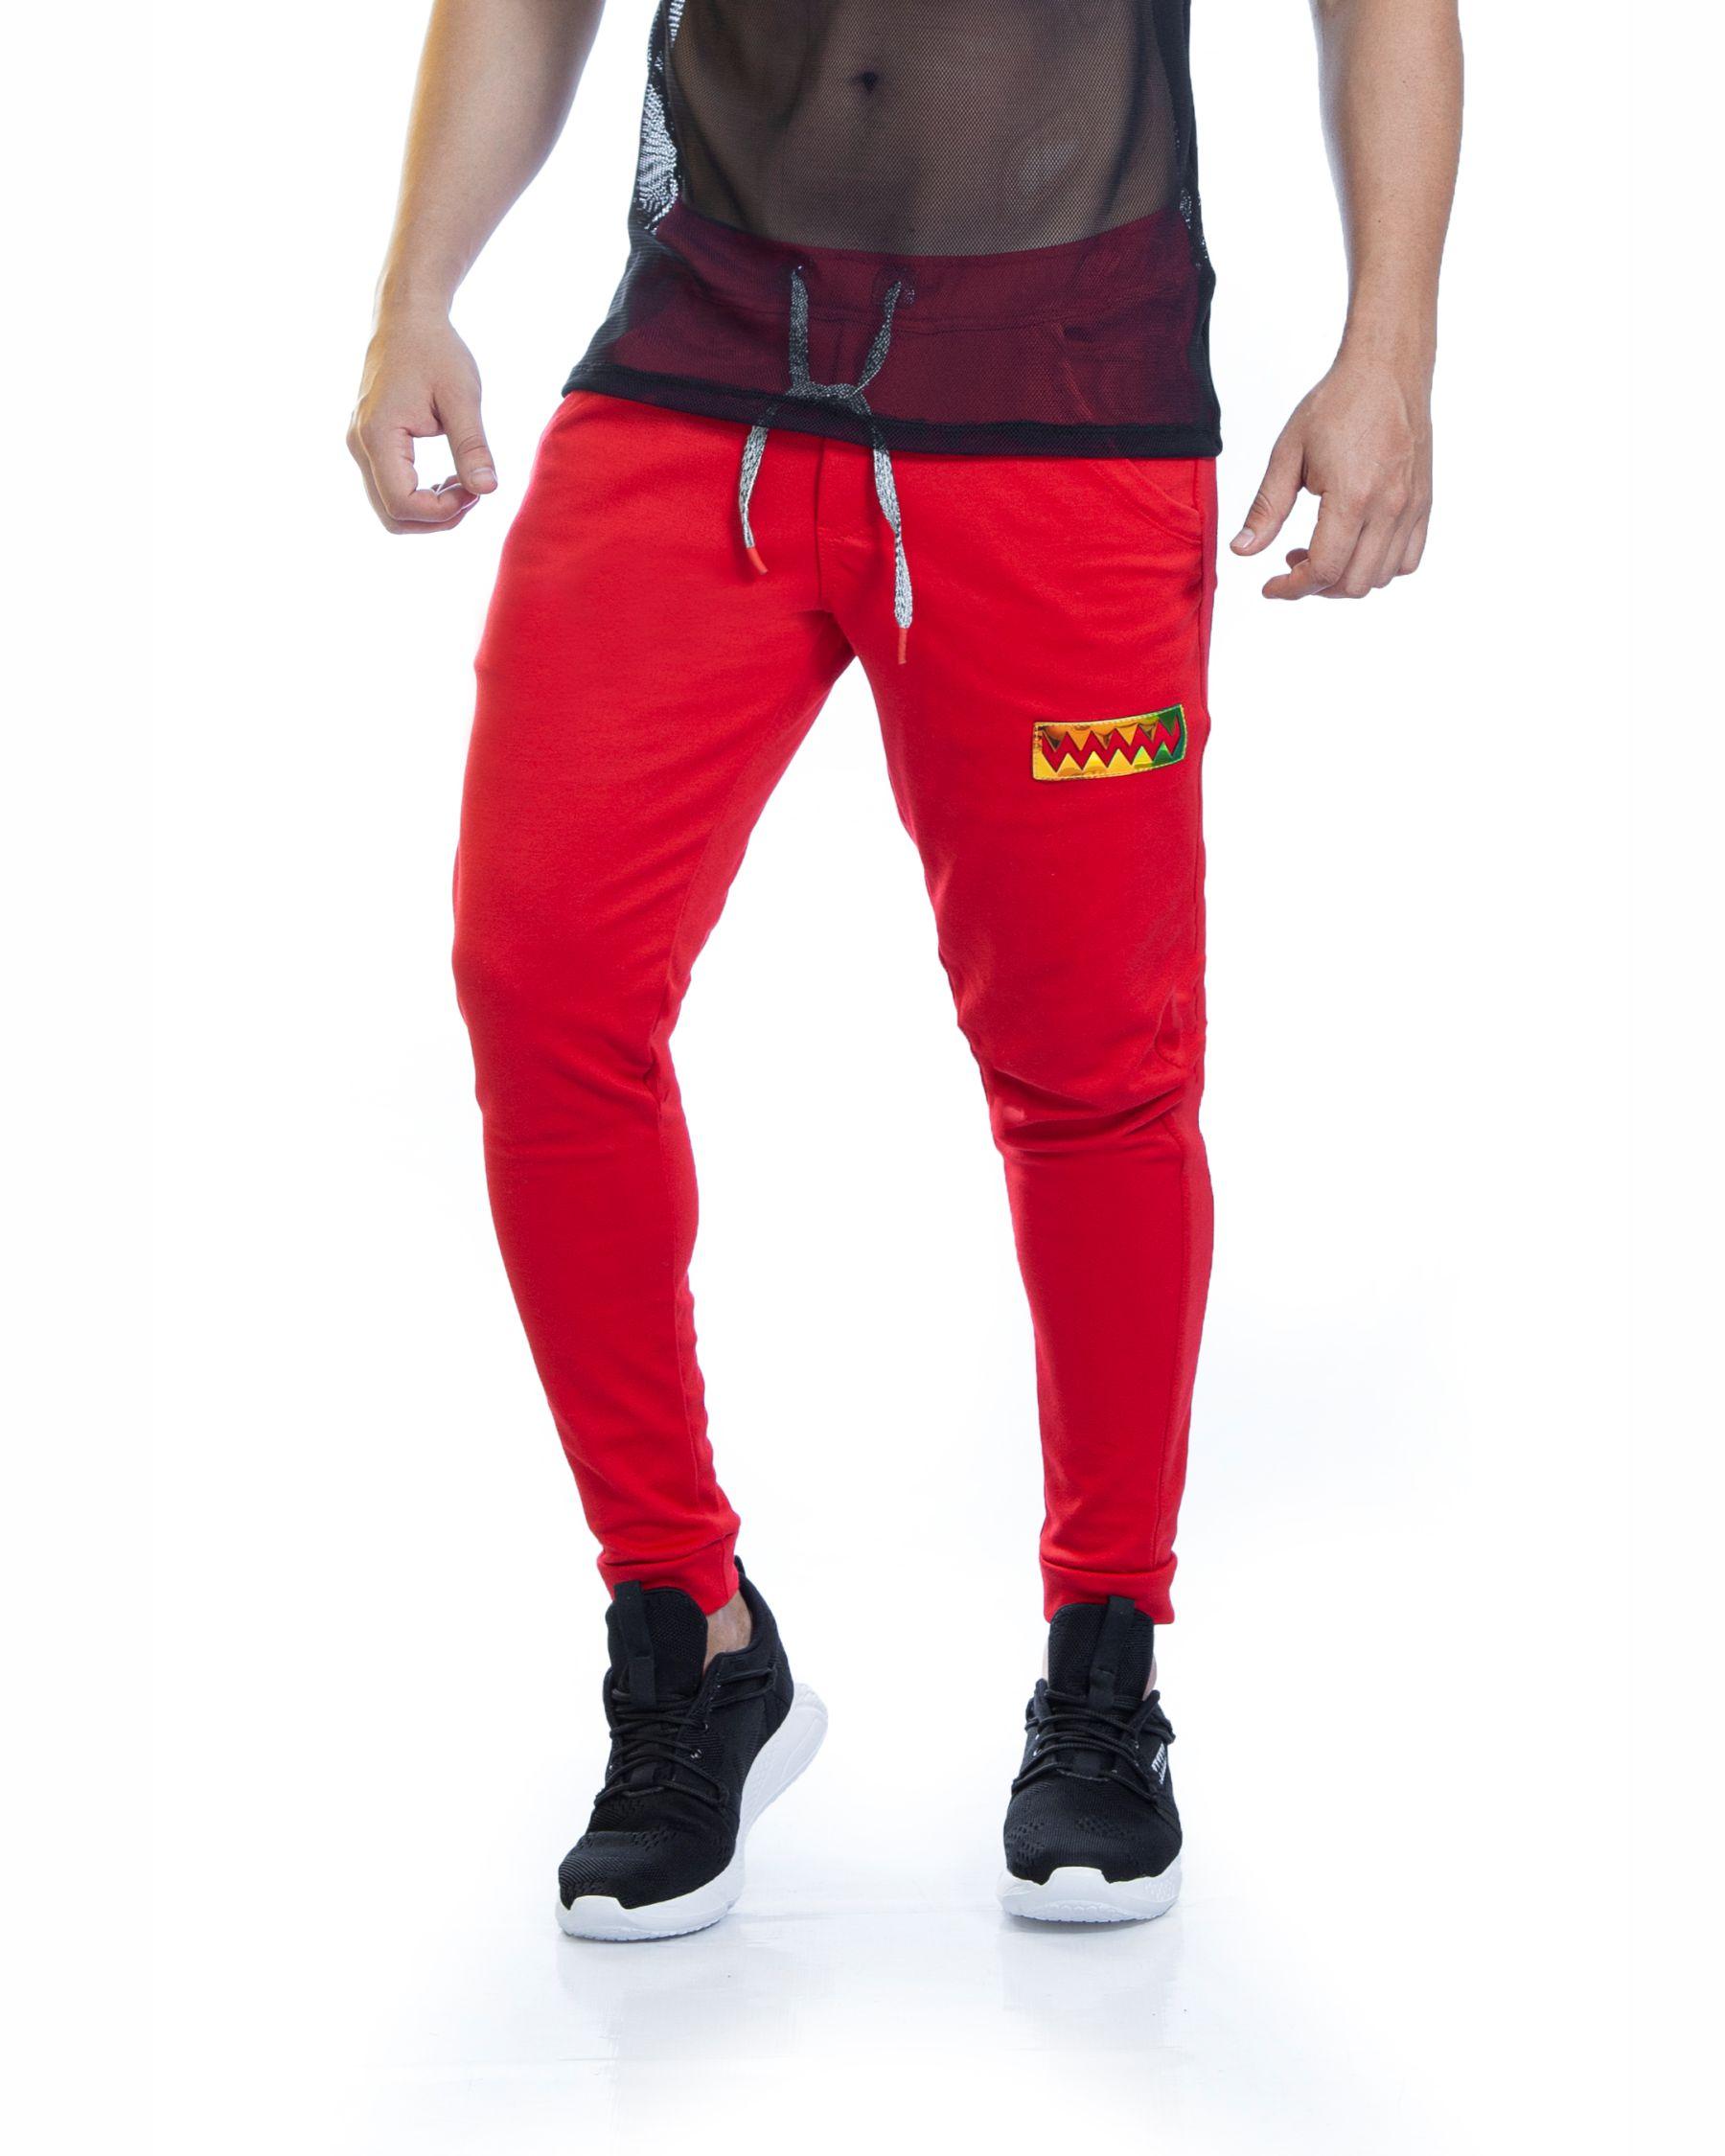 Sudadera ref 1713 0 DESCRIPCION Sudadera jogger color rojo, tela 98% algodon mas 2% de expande. $67 mil